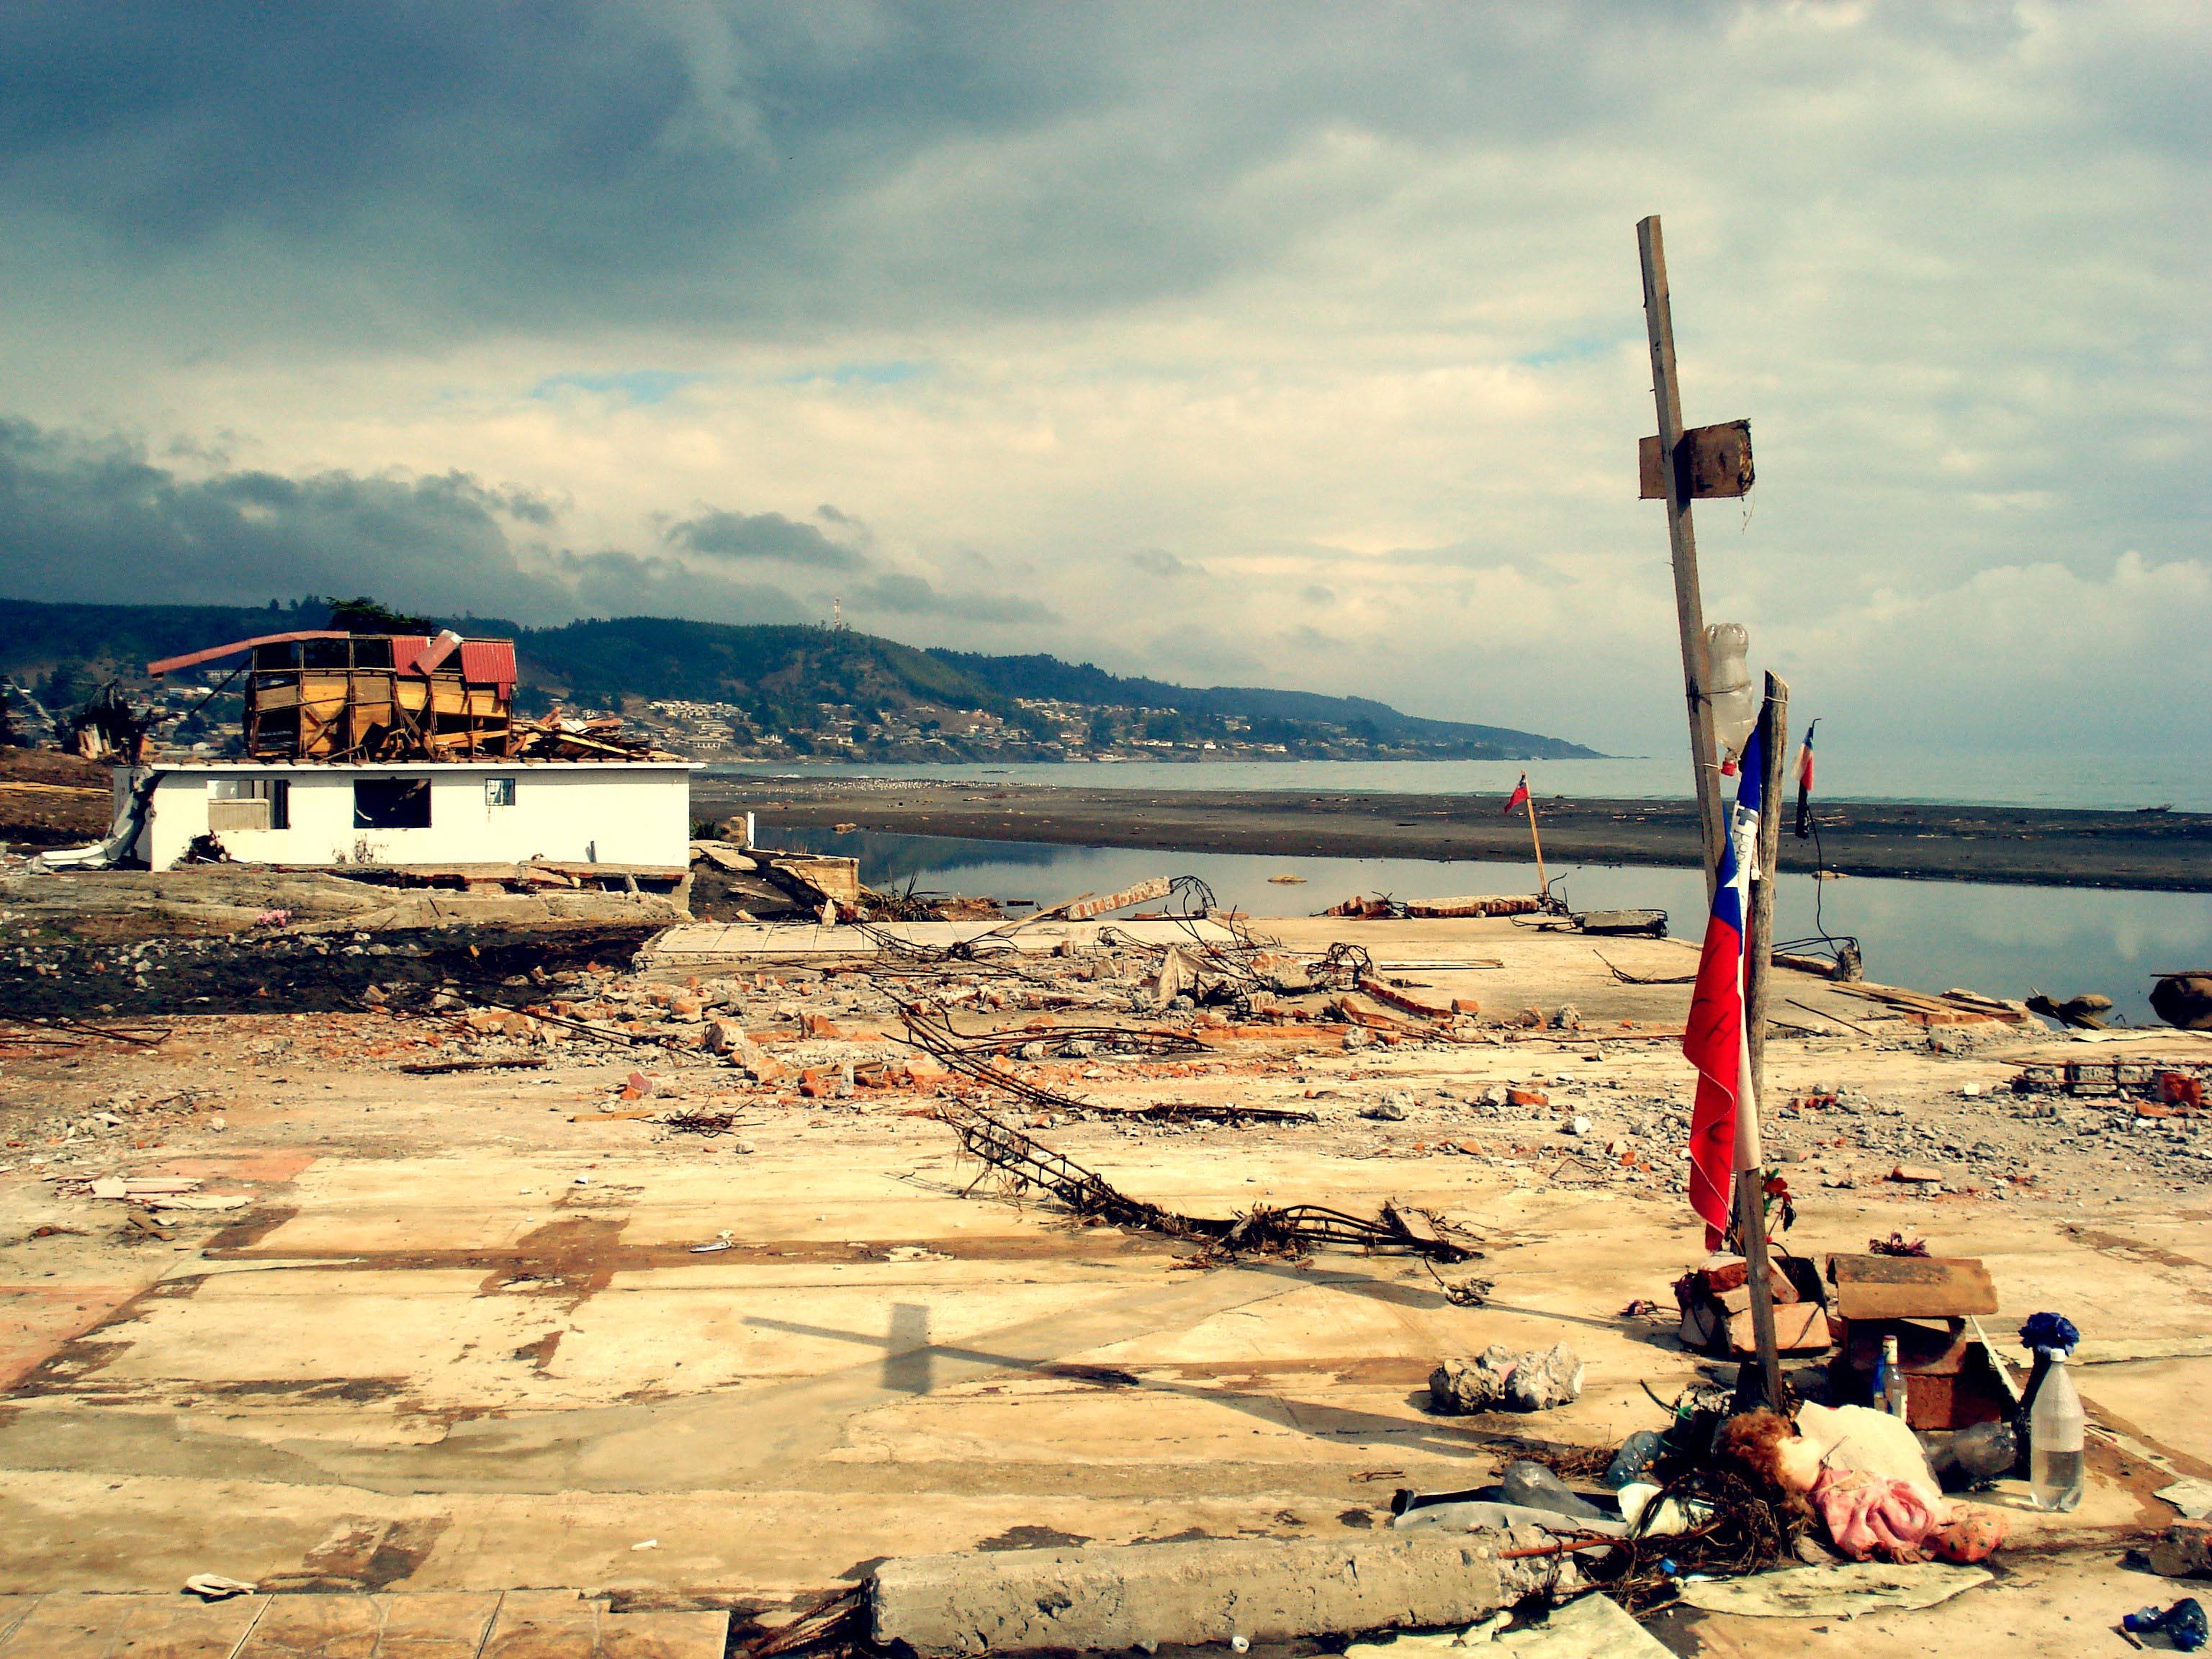 Especial 27F | De la emergencia a la prevención: los cambios en la institucionalidad tras el terremoto